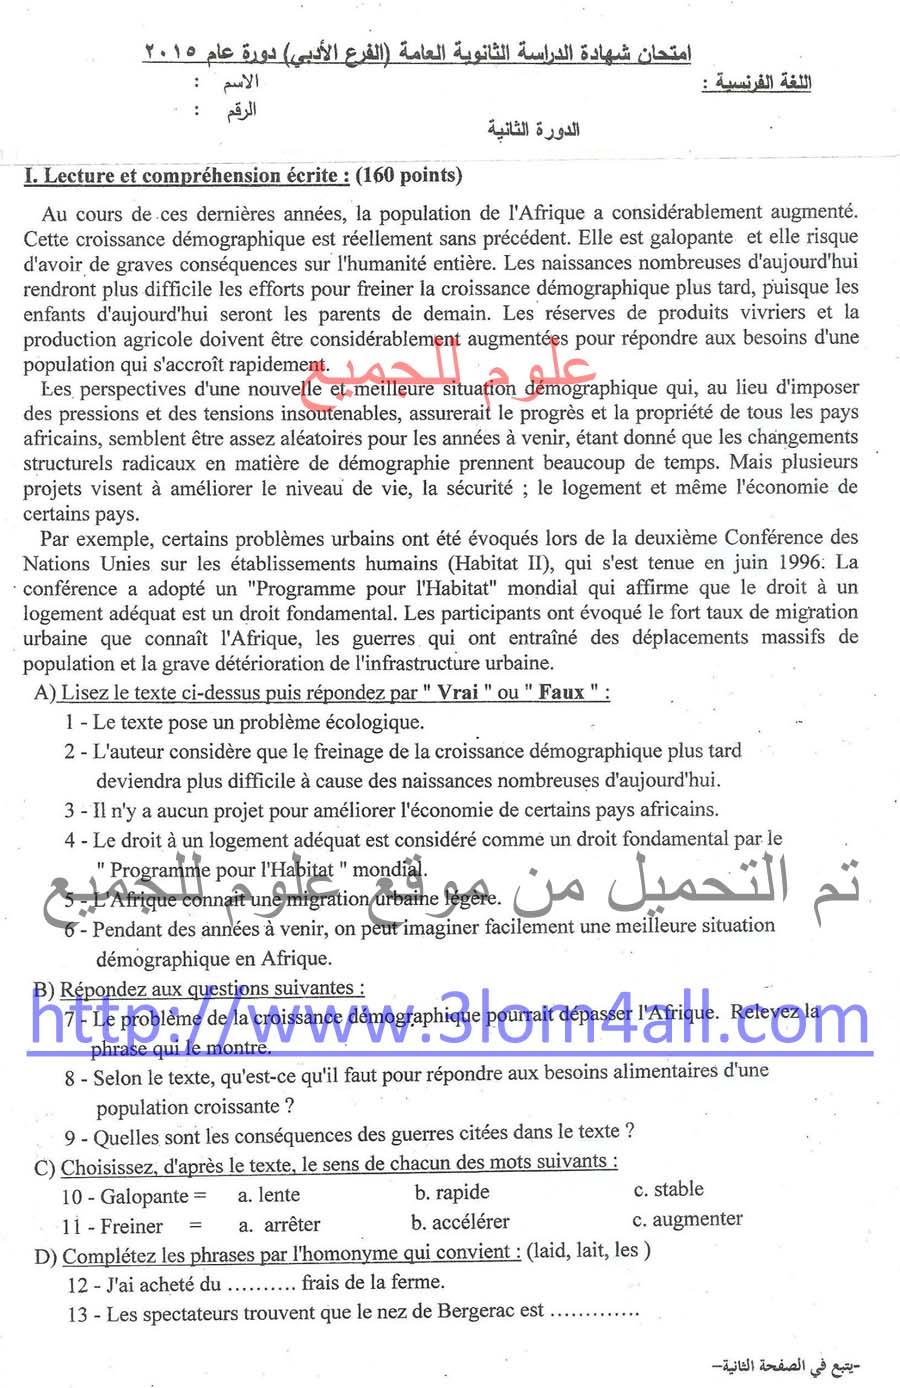 ورقة اسئلة امتحان اللغة الفرنسية البكالوريا الأدبي 2015 الدورة الثانية